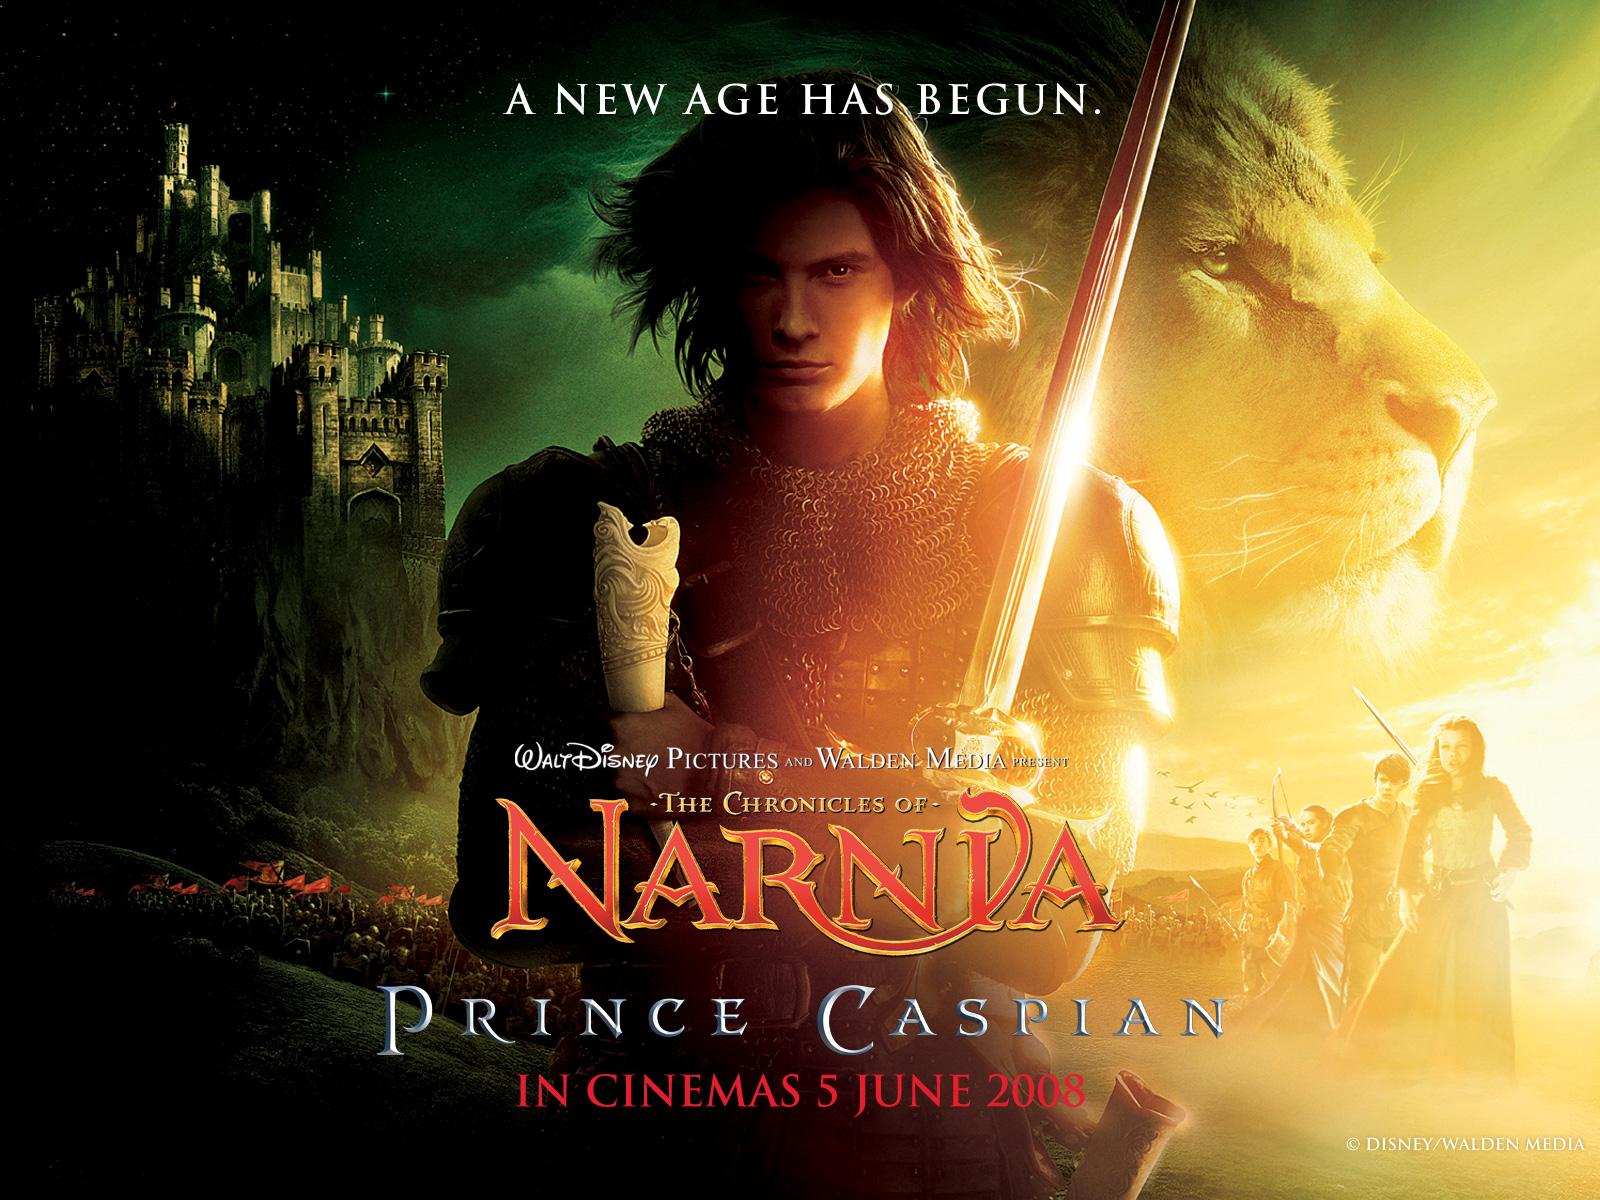 http://1.bp.blogspot.com/_inCOfWeZTP4/TVARi2XiNDI/AAAAAAAAAUM/1zsJ-VfFWO0/s1600/Prince_Caspian_Wall_1600.jpg